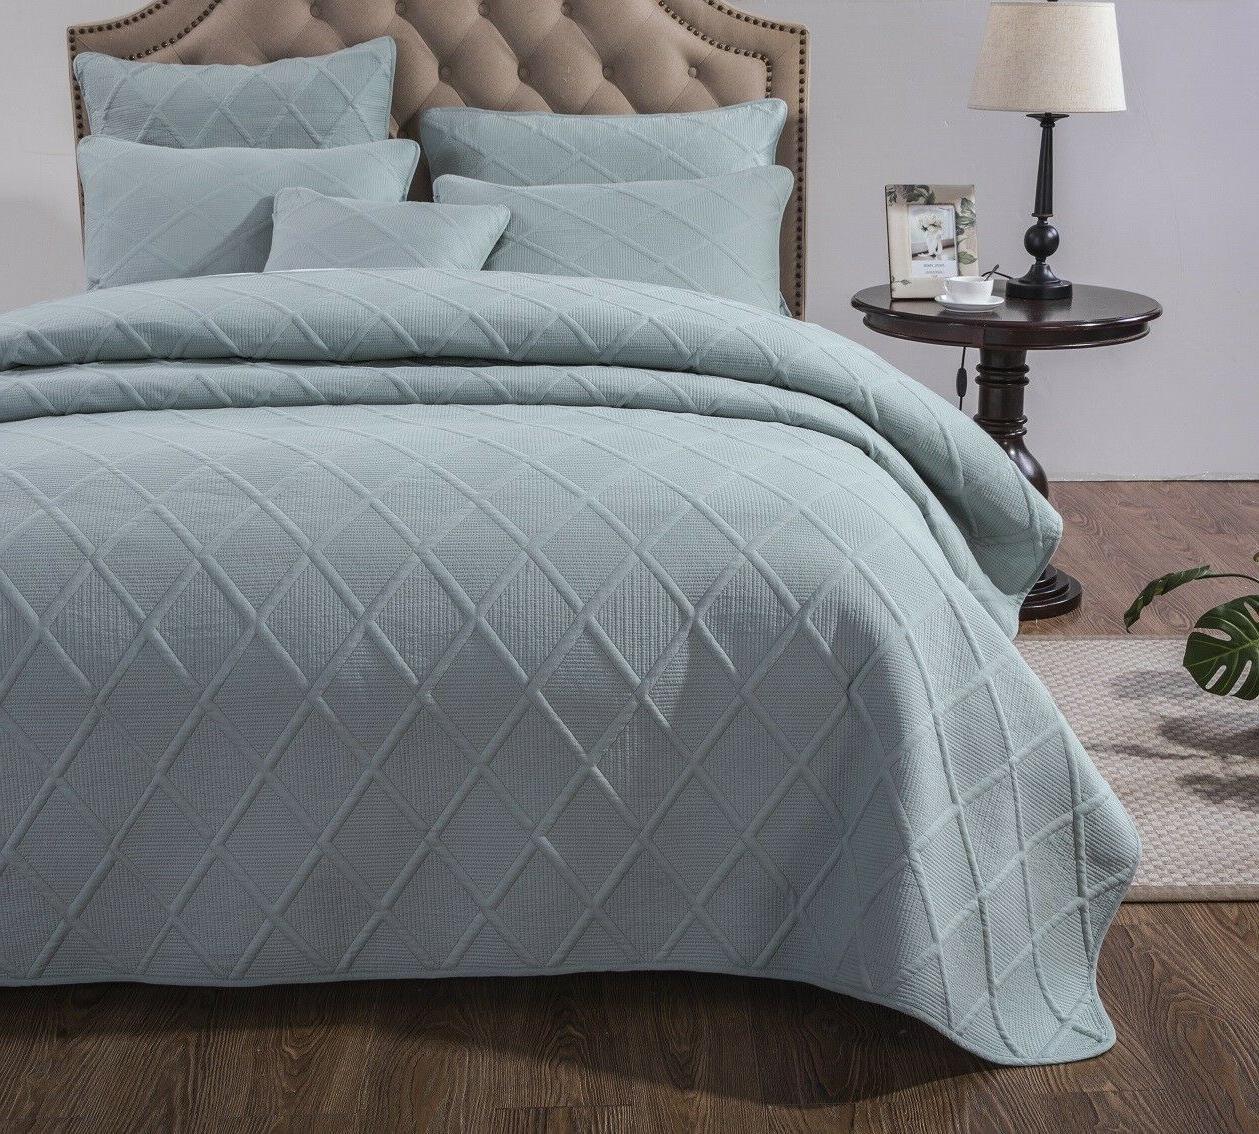 Tache Contemporary Solid Seafoam Blue Cotton Light Coverlet Set